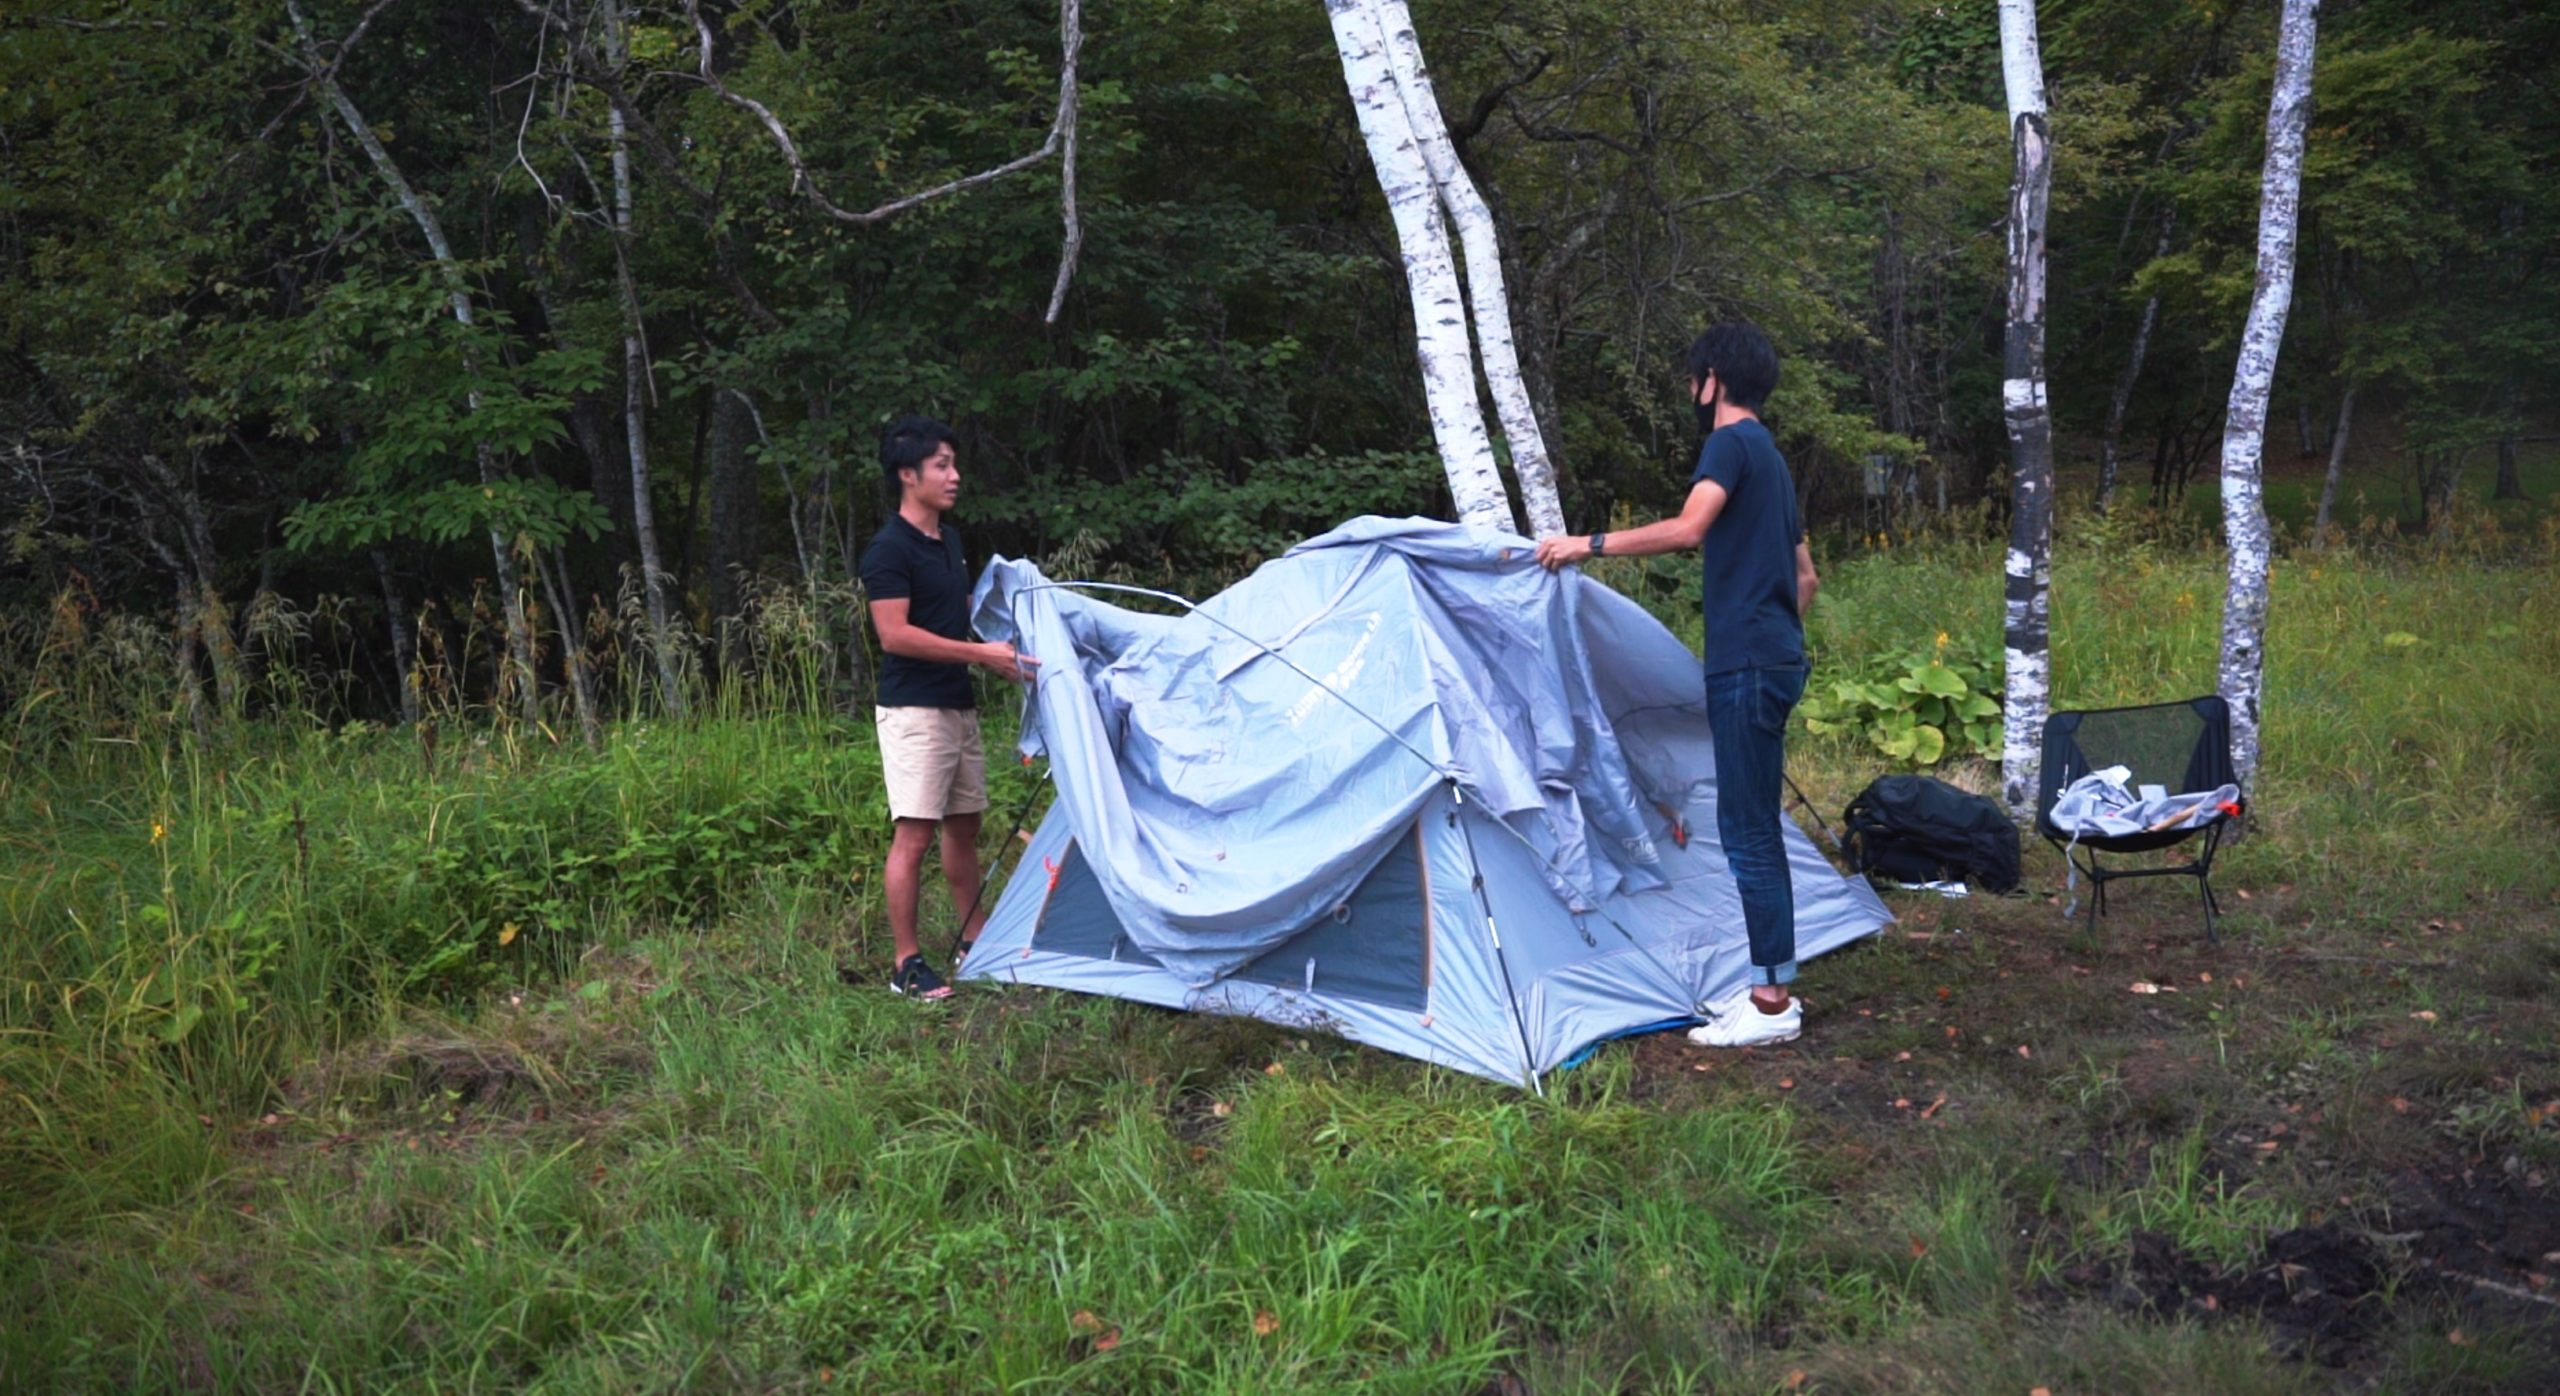 駒出池キャンプ場で念願の初キャンプ!|テント設営